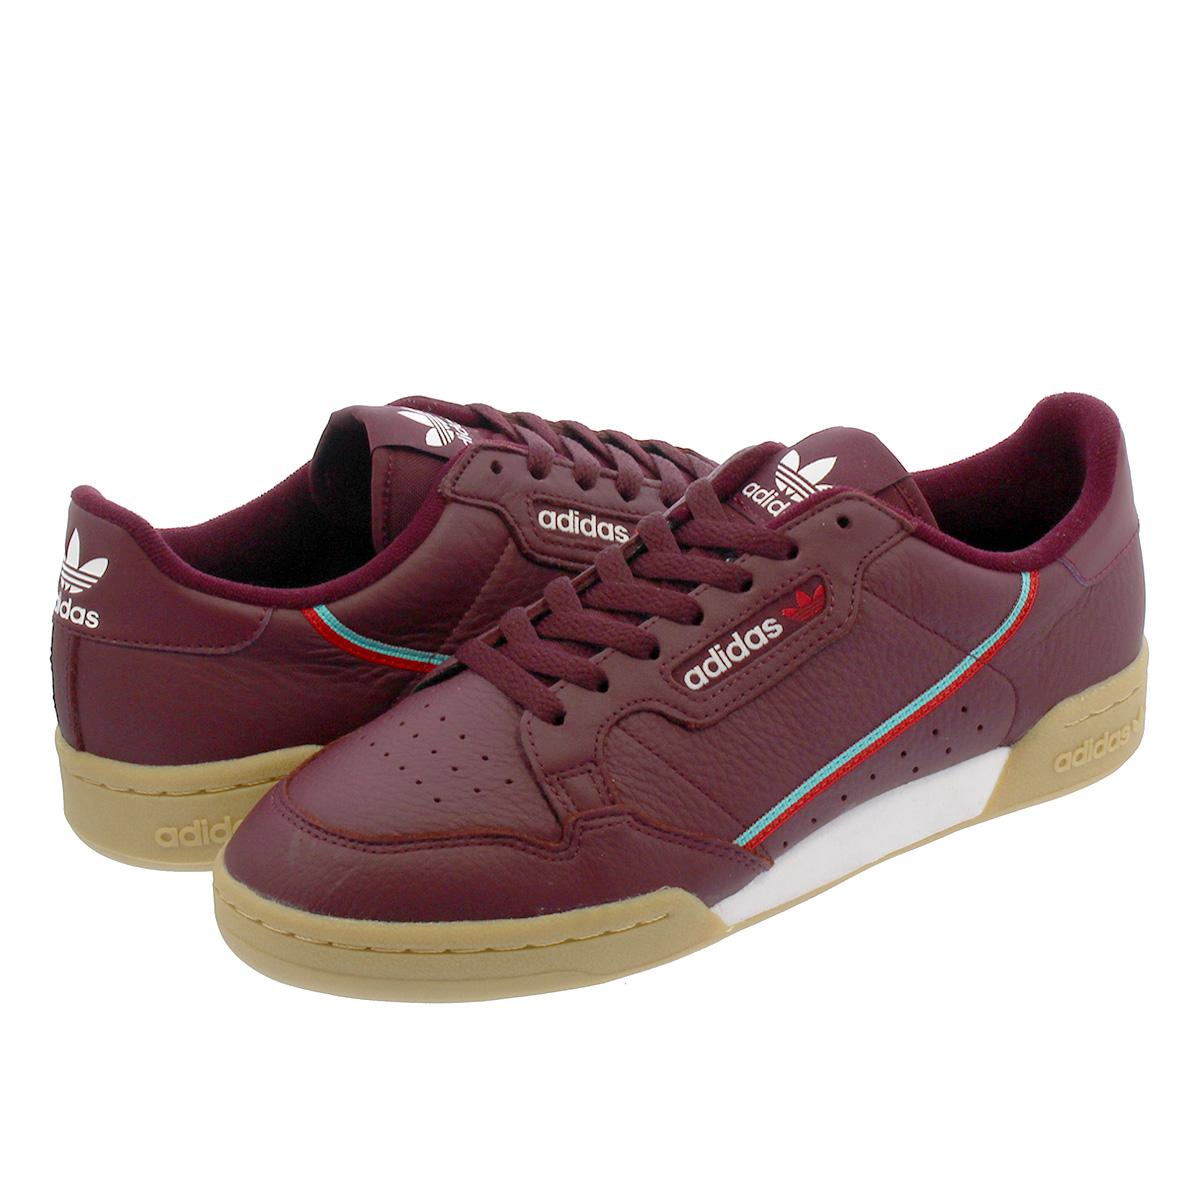 deb559223f46c4 SELECT SHOP LOWTEX  adidas CONTINENTAL 80 Adidas Continental 80 MAROON  SCARLET HI-RES AQUA b41677